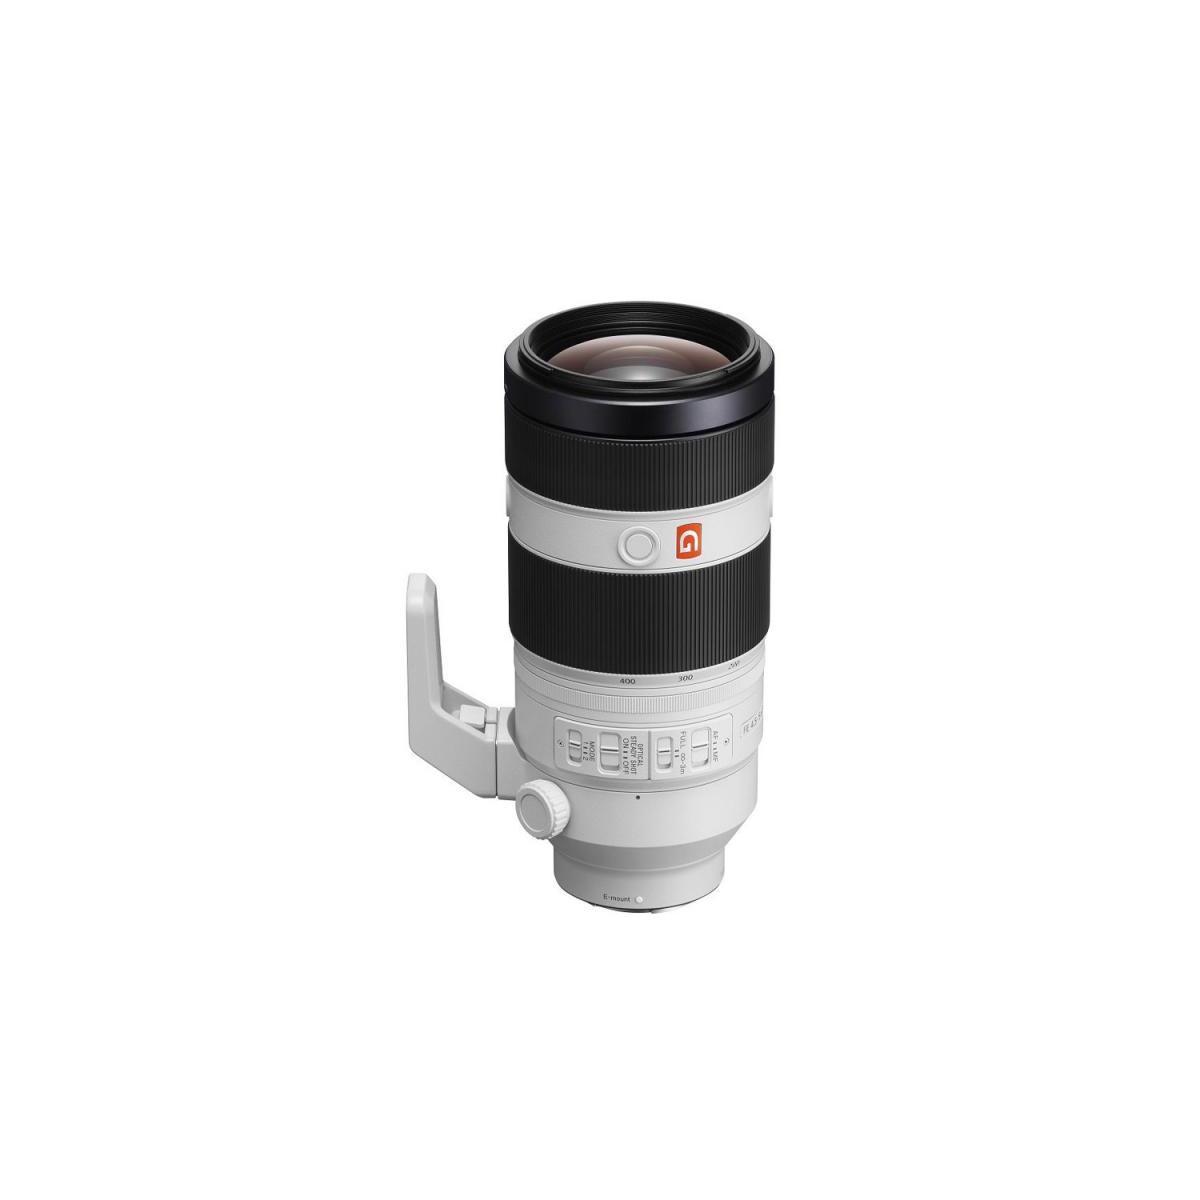 Objectif Sony Sony FE 100-400mm f/4.5-5.6